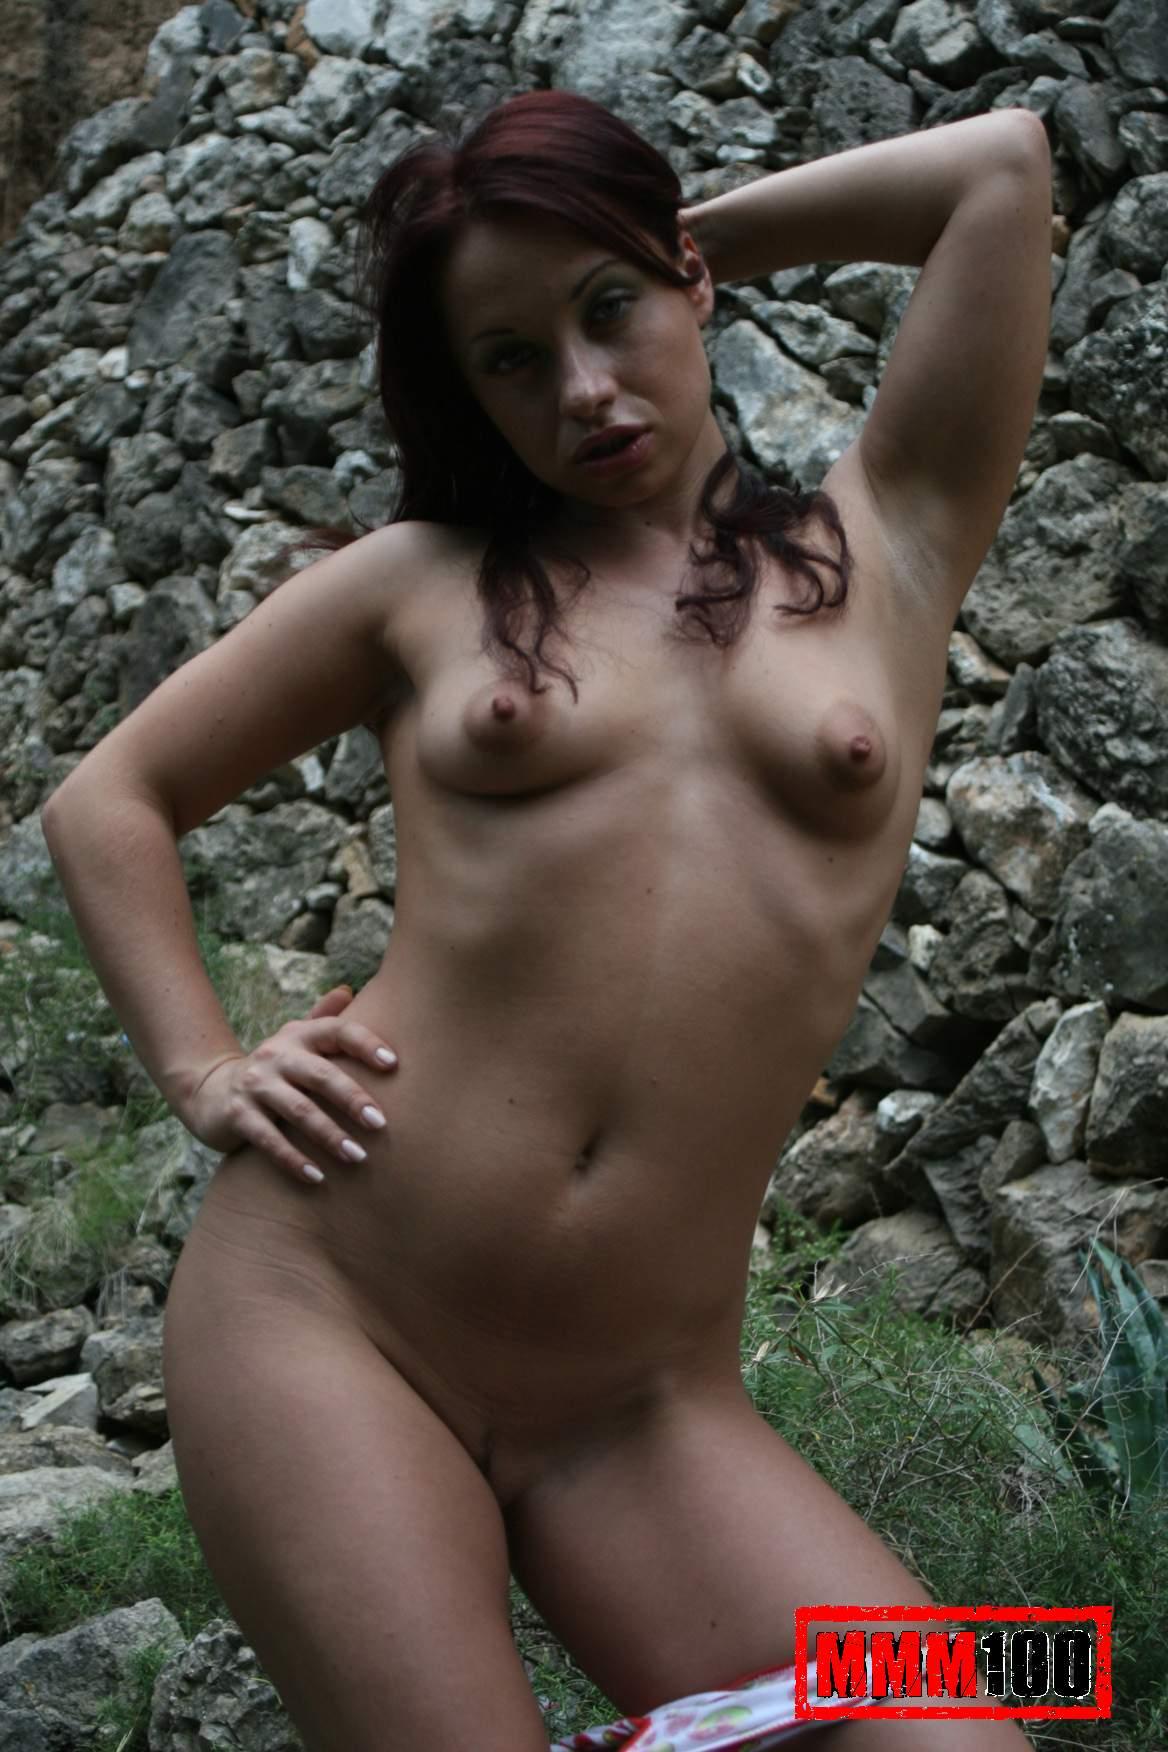 Une minette de 18 ans se dshabille pour montrer son corps